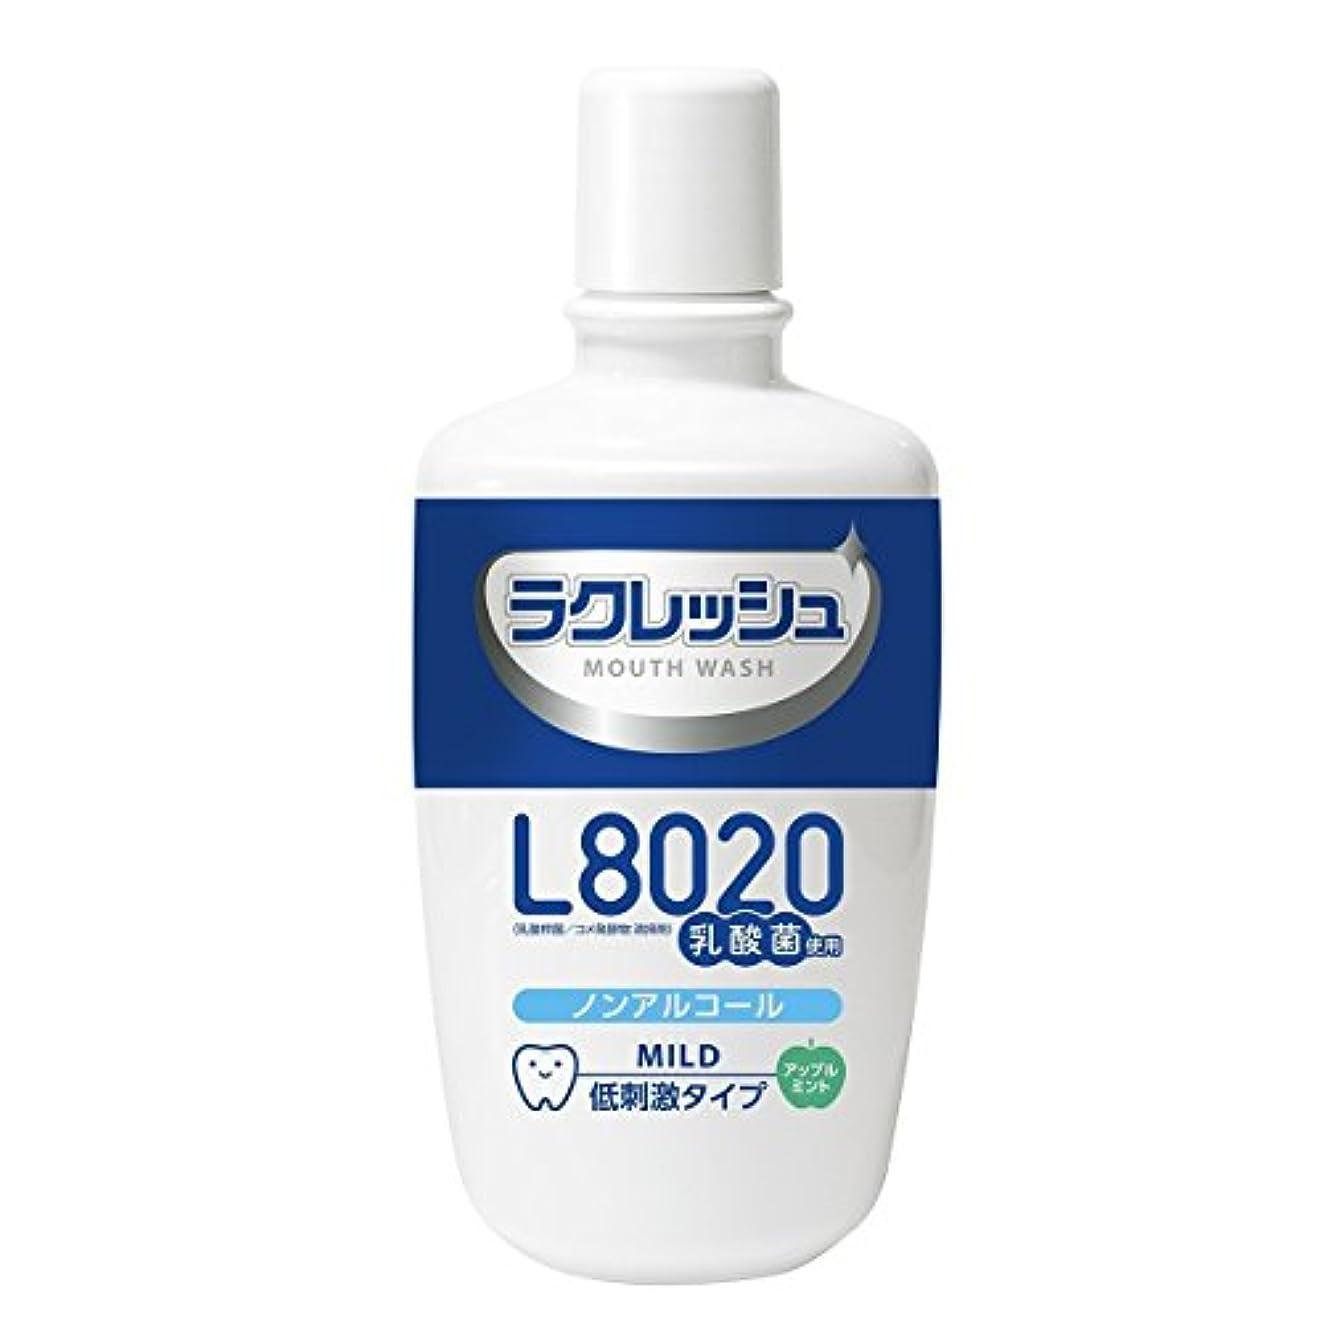 人ナチュラルノベルティラクレッシュ L8020菌使用 マウスウォッシュ ノンアルコールタイプ 300mL×15個セット